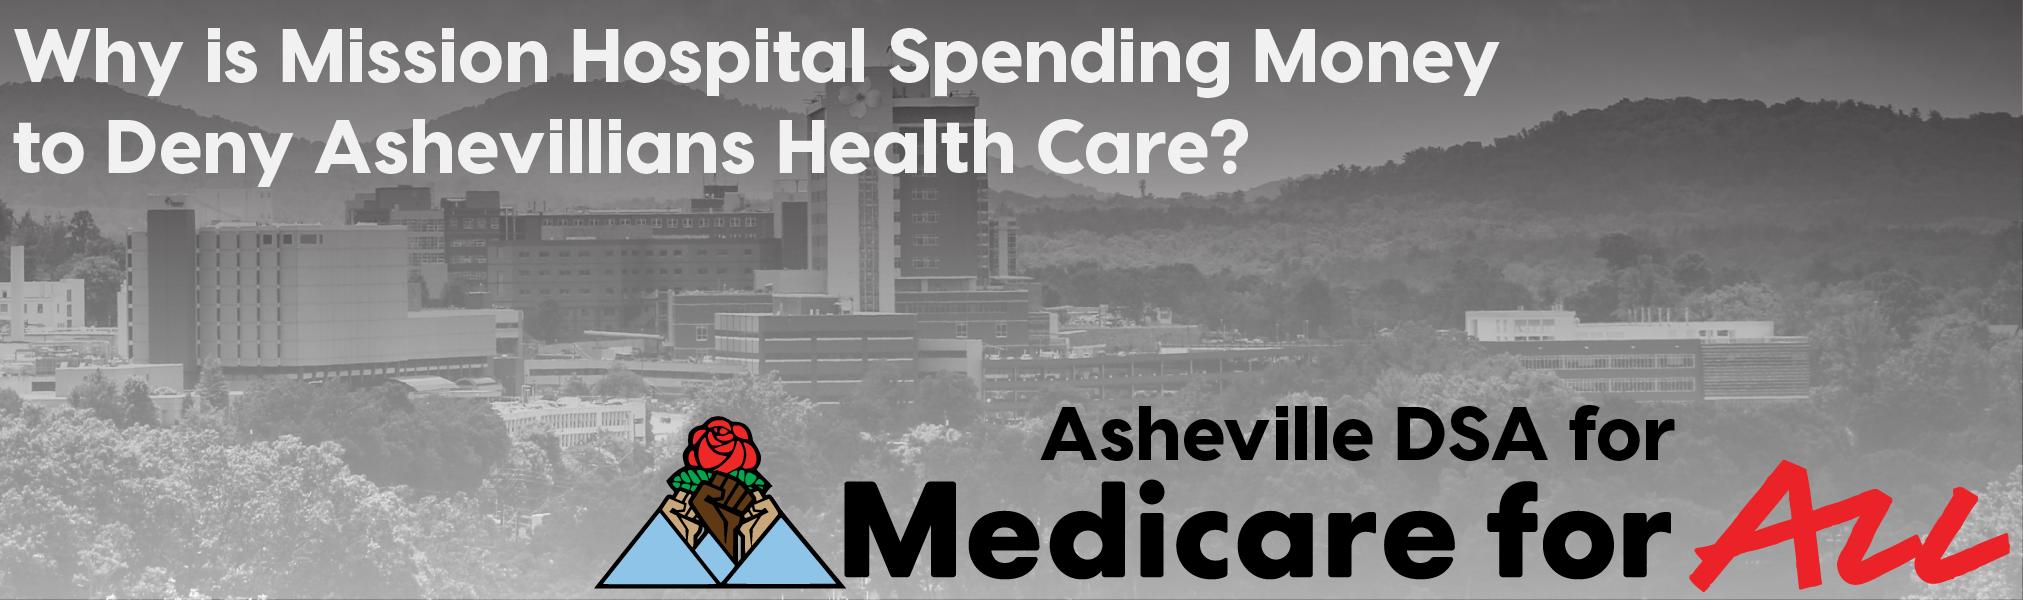 Asheville DSA for Medicare for All